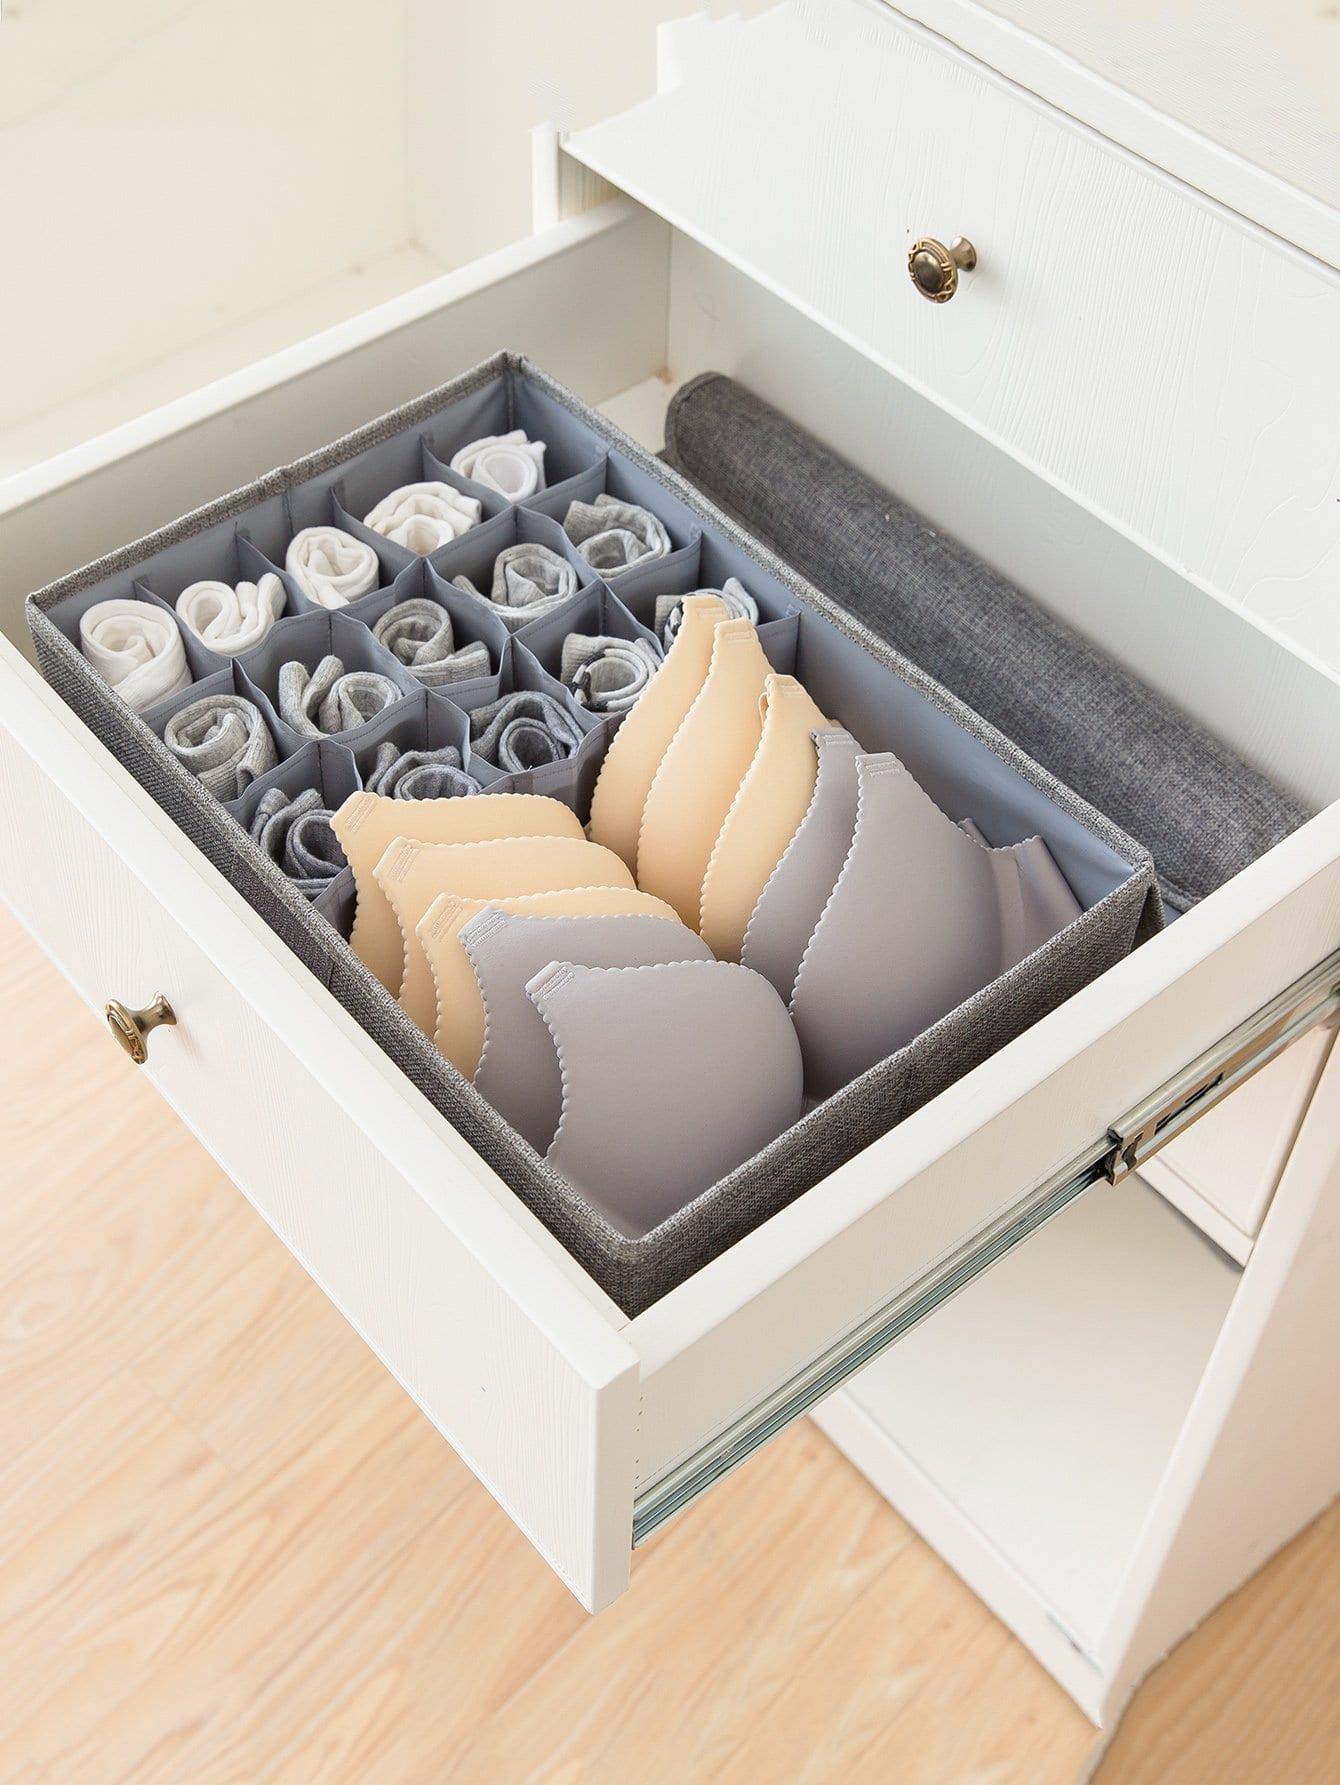 Купить Ящик для хранения нижнего белья с 16 отделениями, null, SheIn